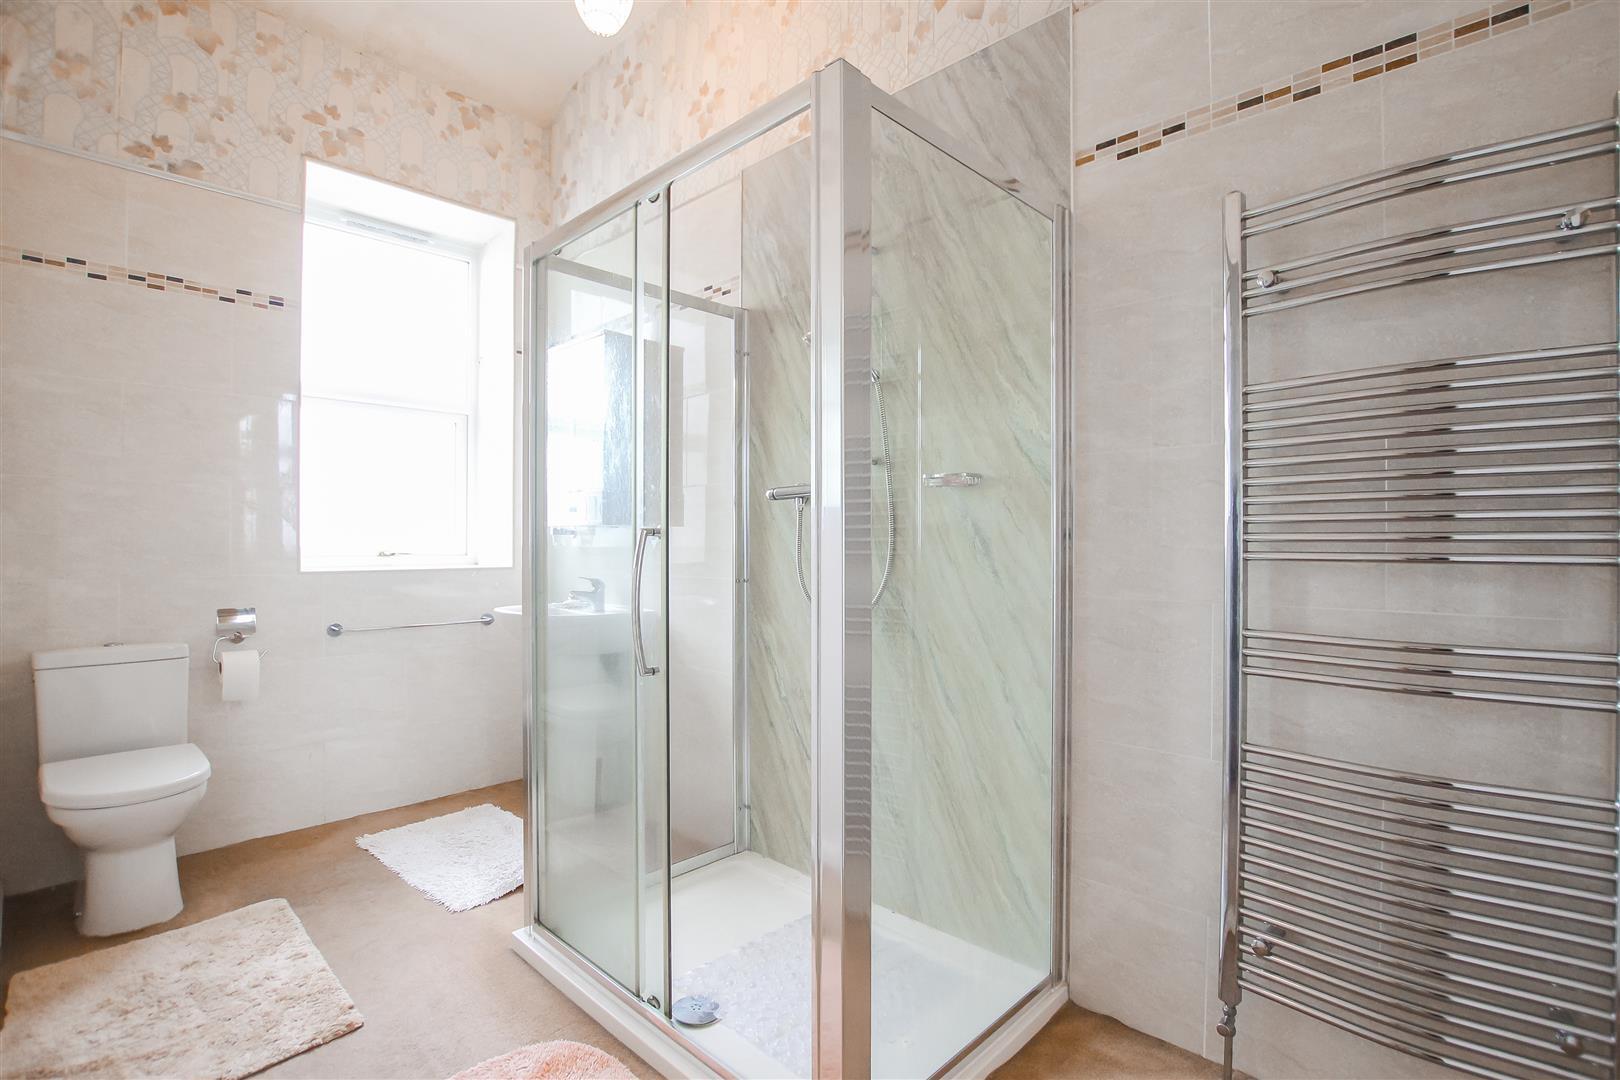 4 Bedroom House For Sale - Shower Room